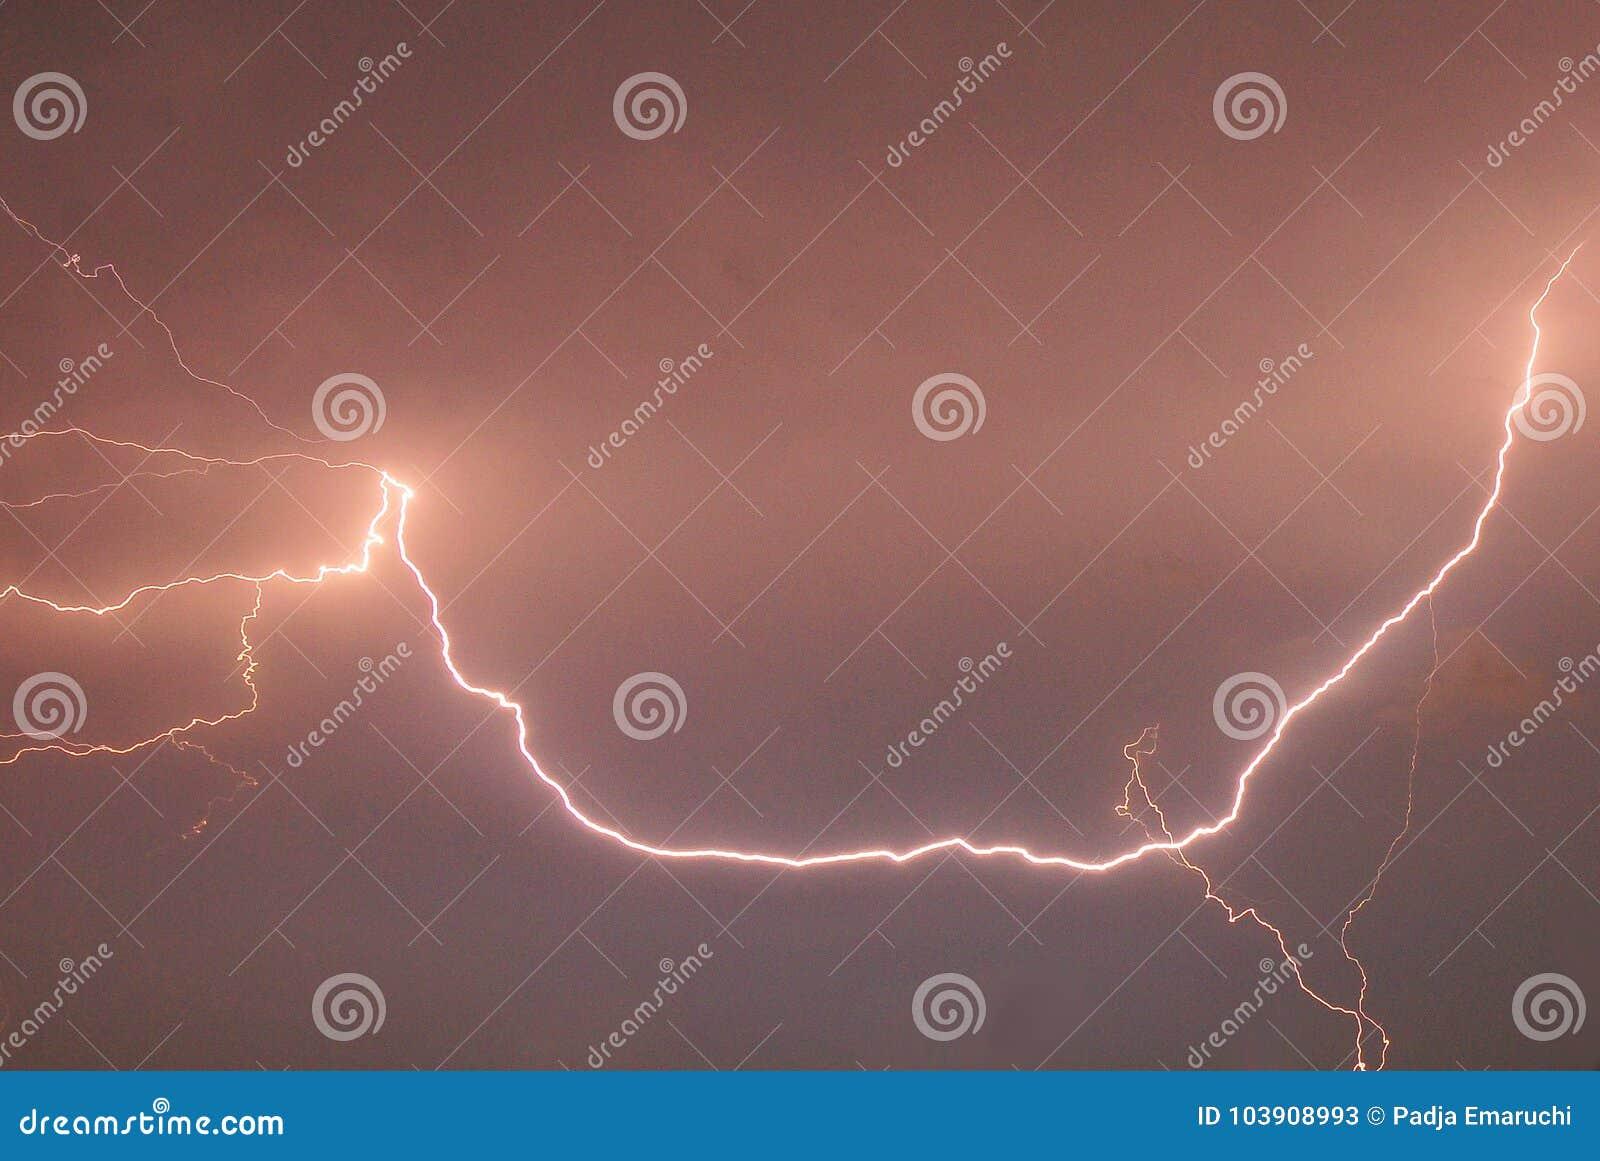 Een natuurverschijnsel van de blikseminslag